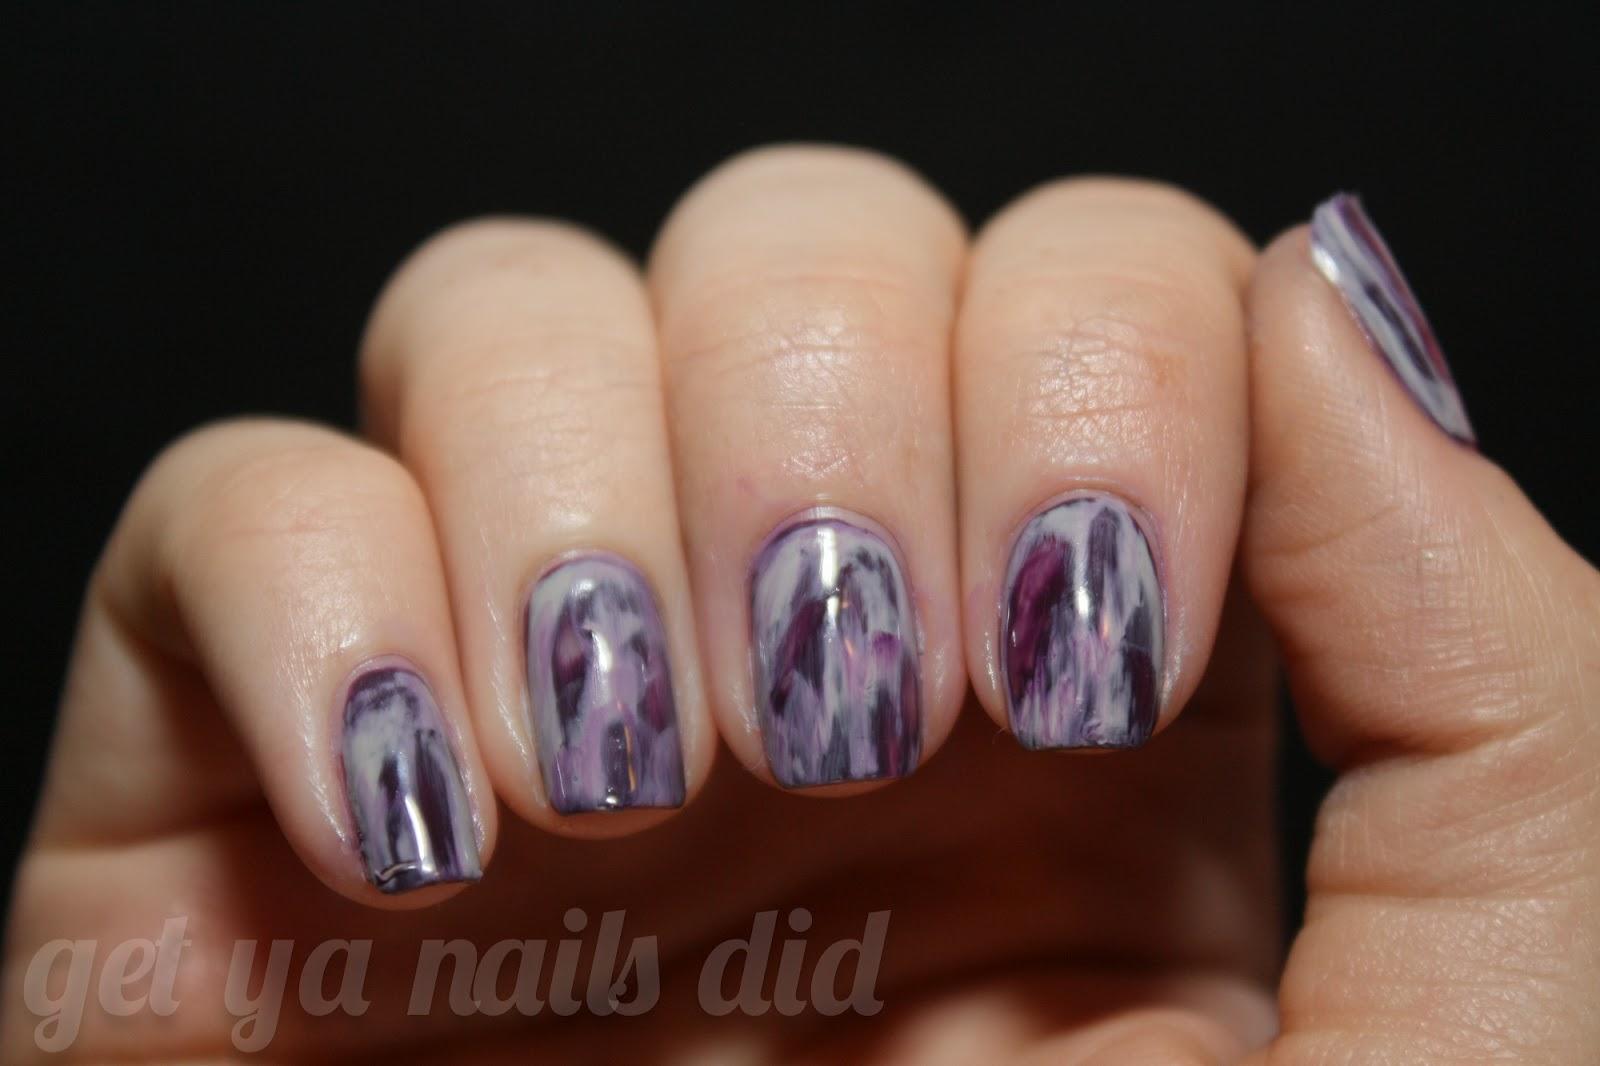 get ya nails did: April 2012